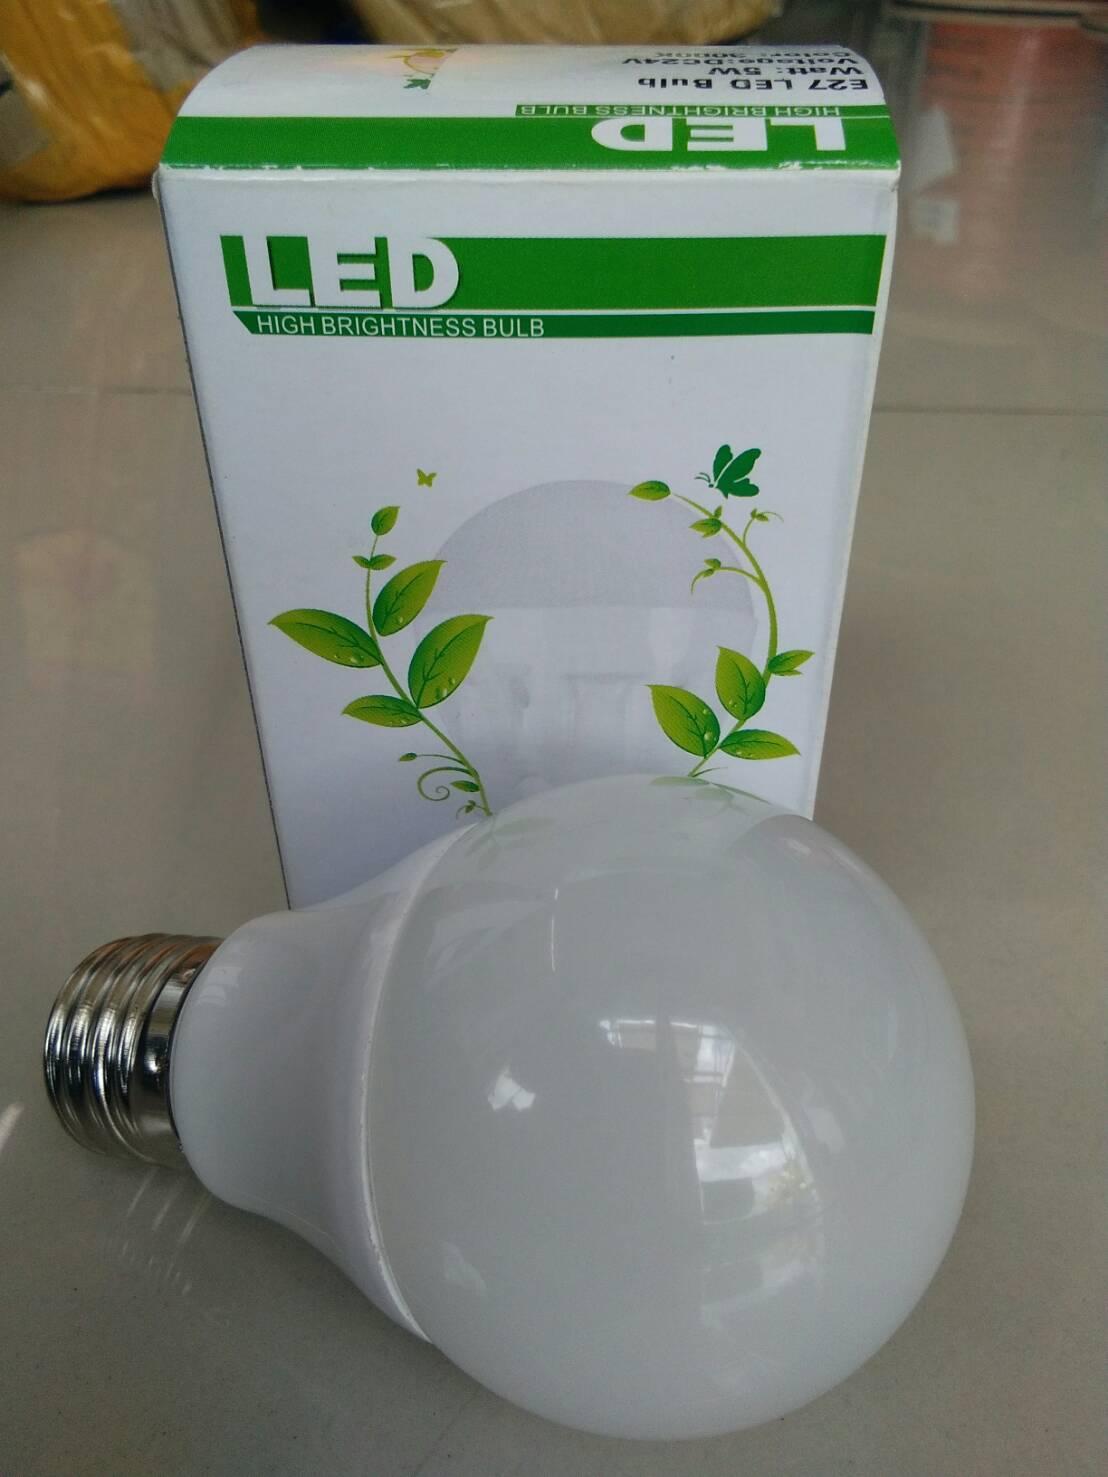 หลอดไฟ LED E27 Bulb ขนาด 5W 12/24V 4200-4500K PL